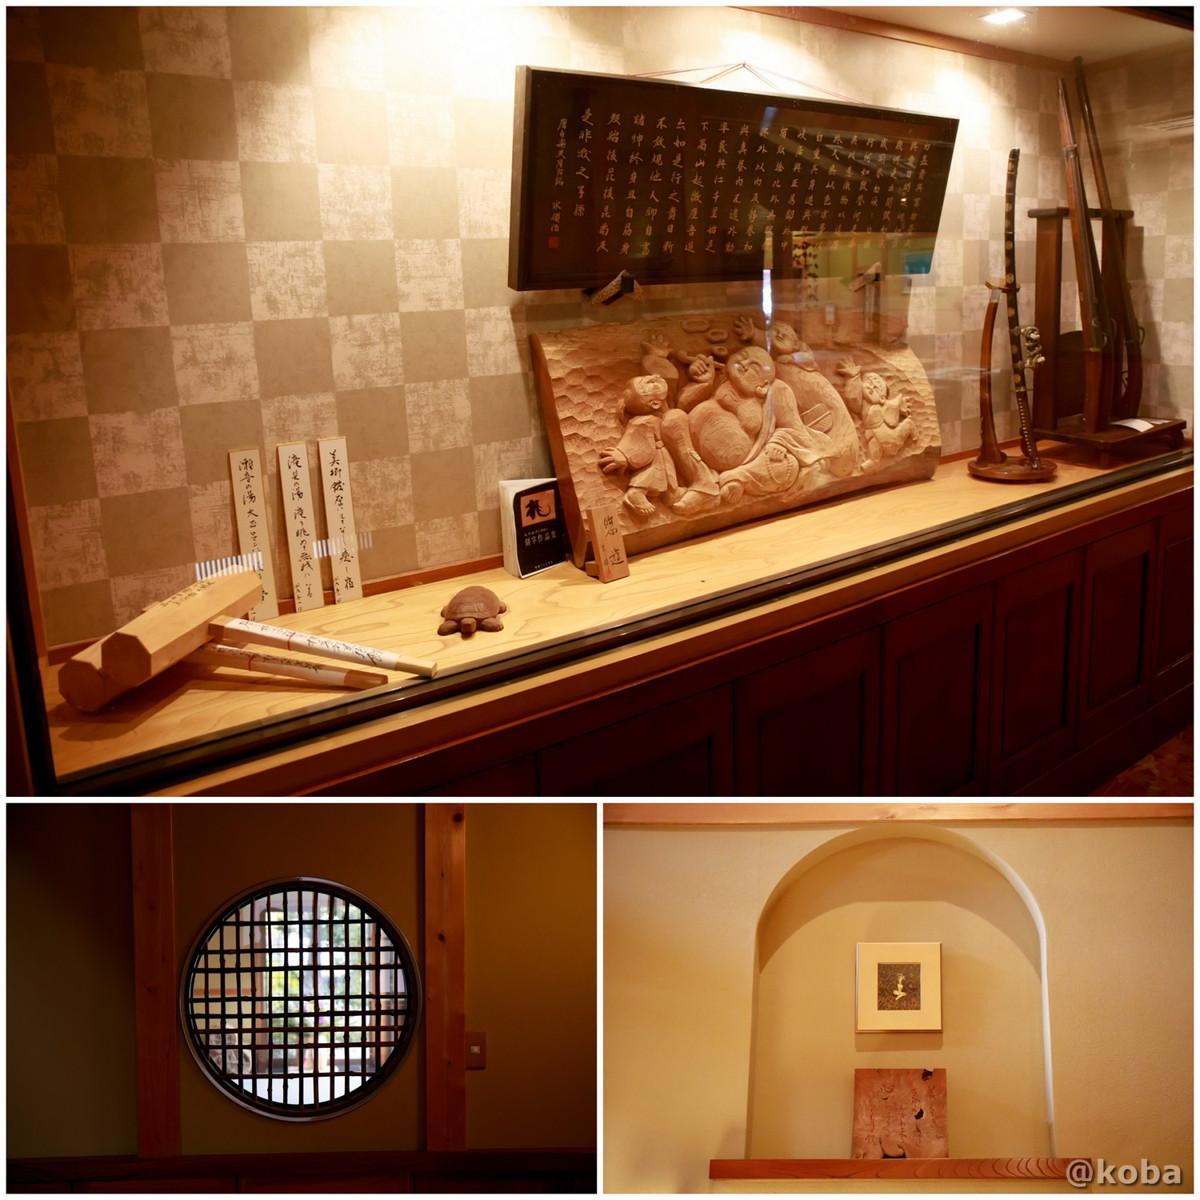 ディスプレイと丸窓の写真│たんげ温泉 美郷館(みさとかん)│群馬県 吾妻郡